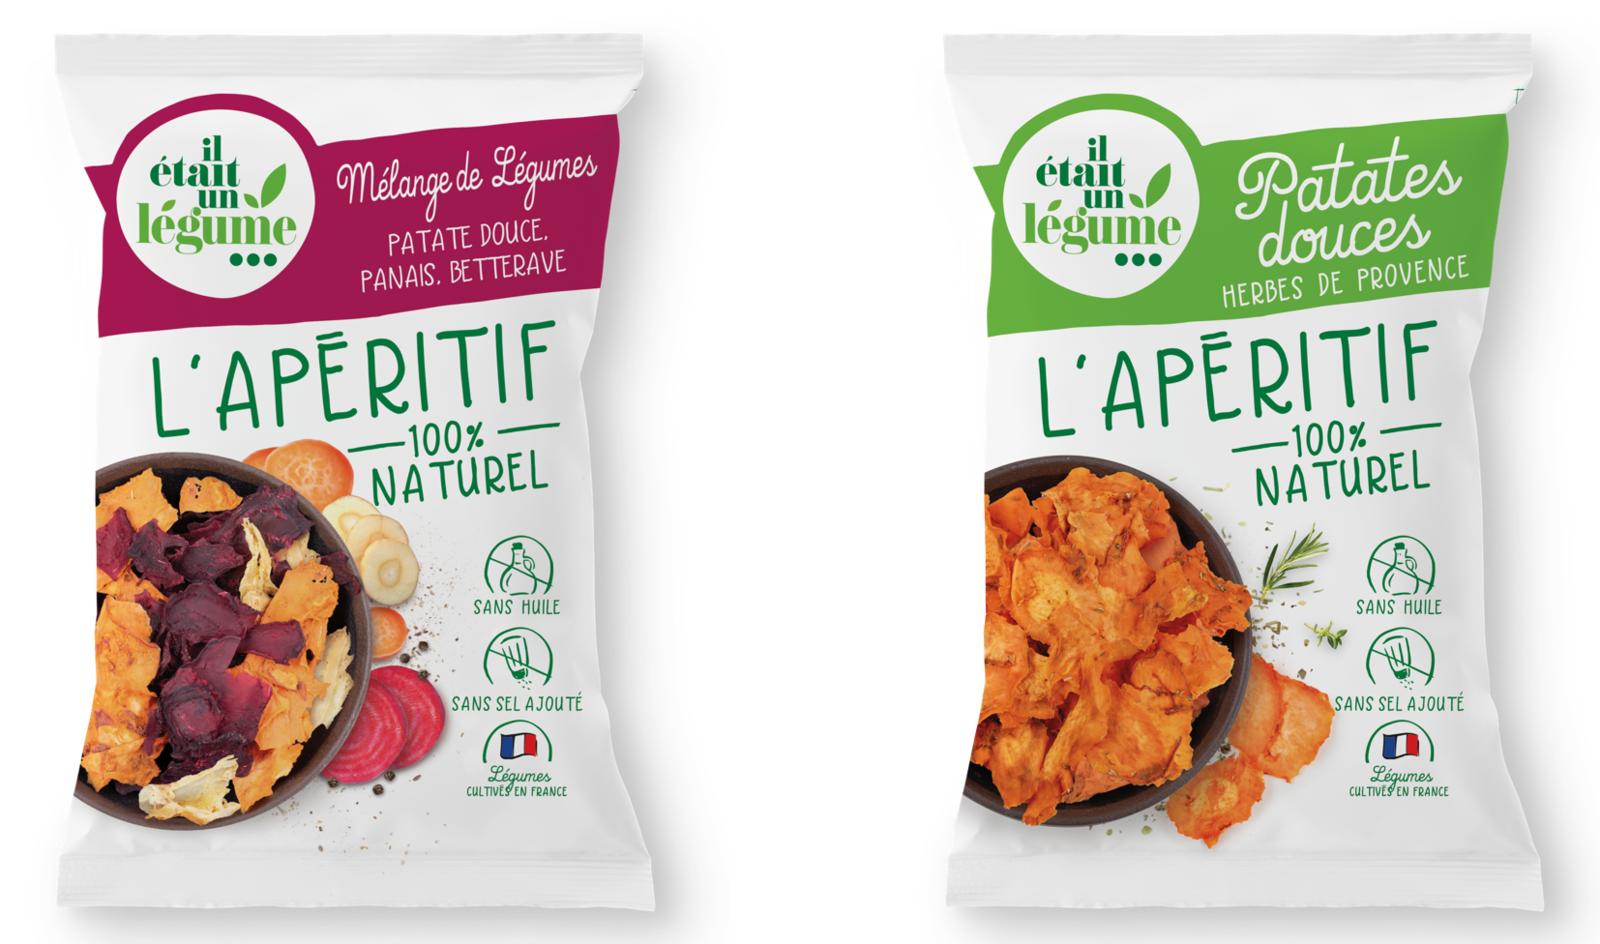 Il était un légume : Chips de légumes 100% naturelles pour l'apéro